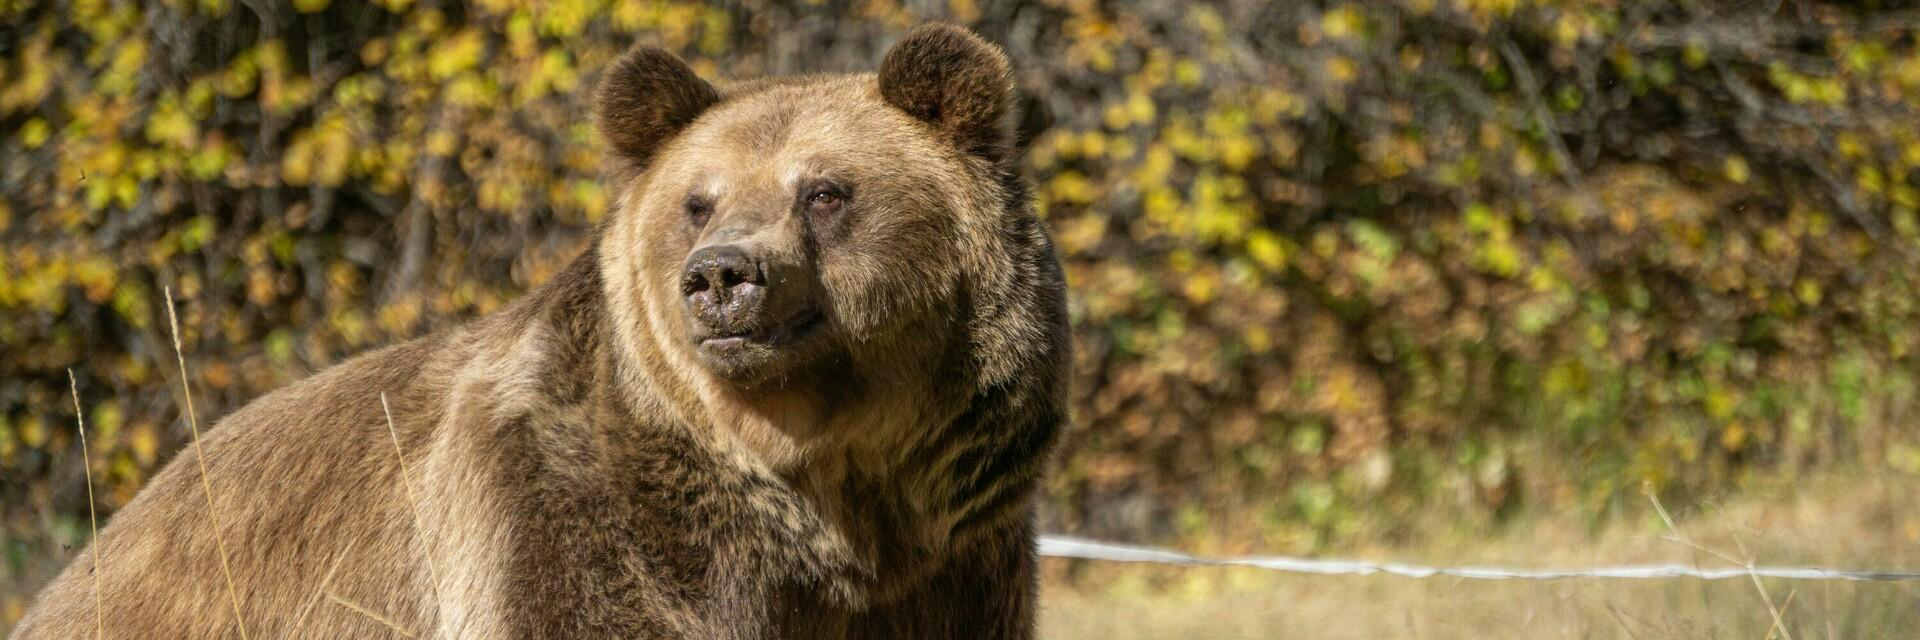 Bär Teddy im TANZBÄRENPARK Belitsa